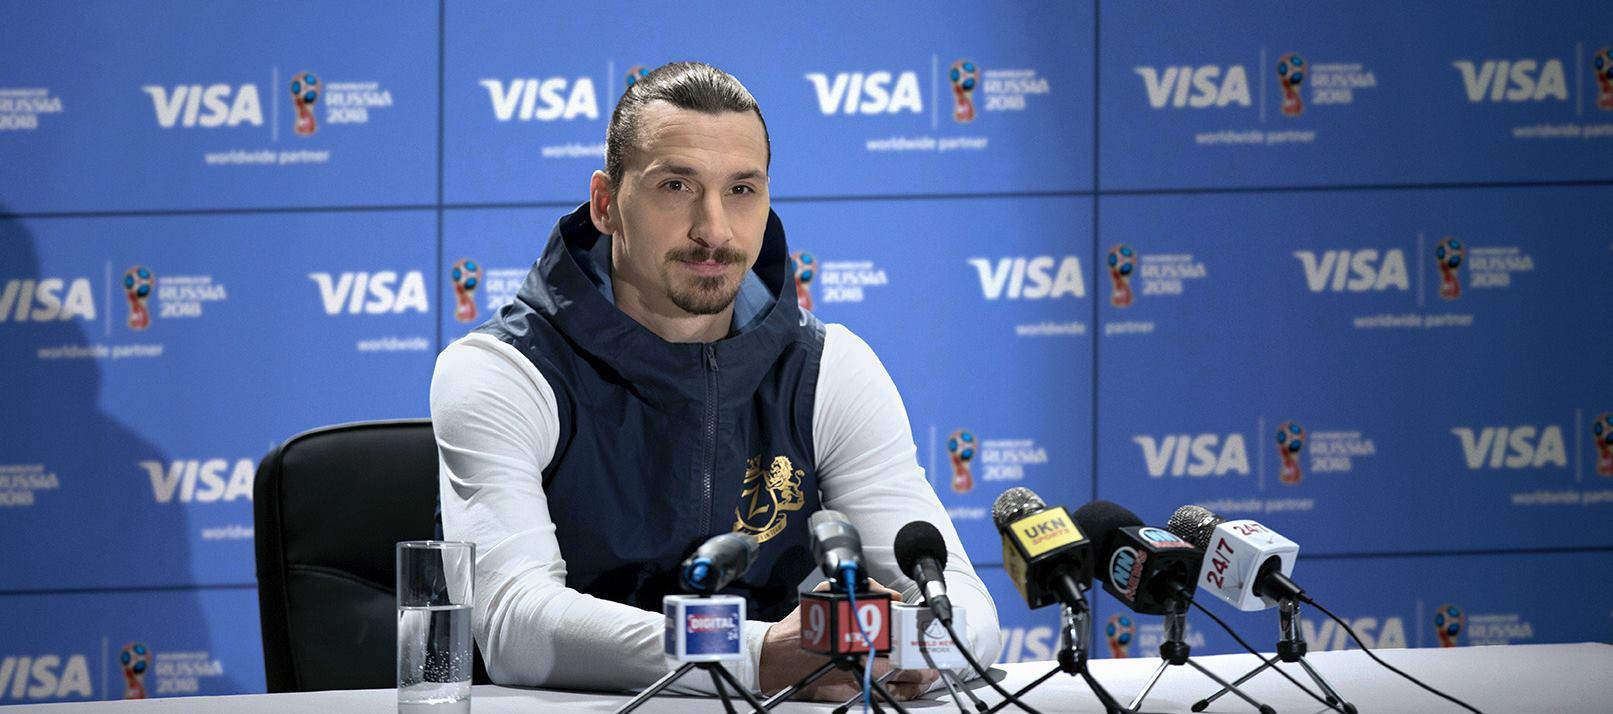 VIDEO Tvrtka Visa i Zlatan Ibrahimović poboljšavaju iskustvo fanova